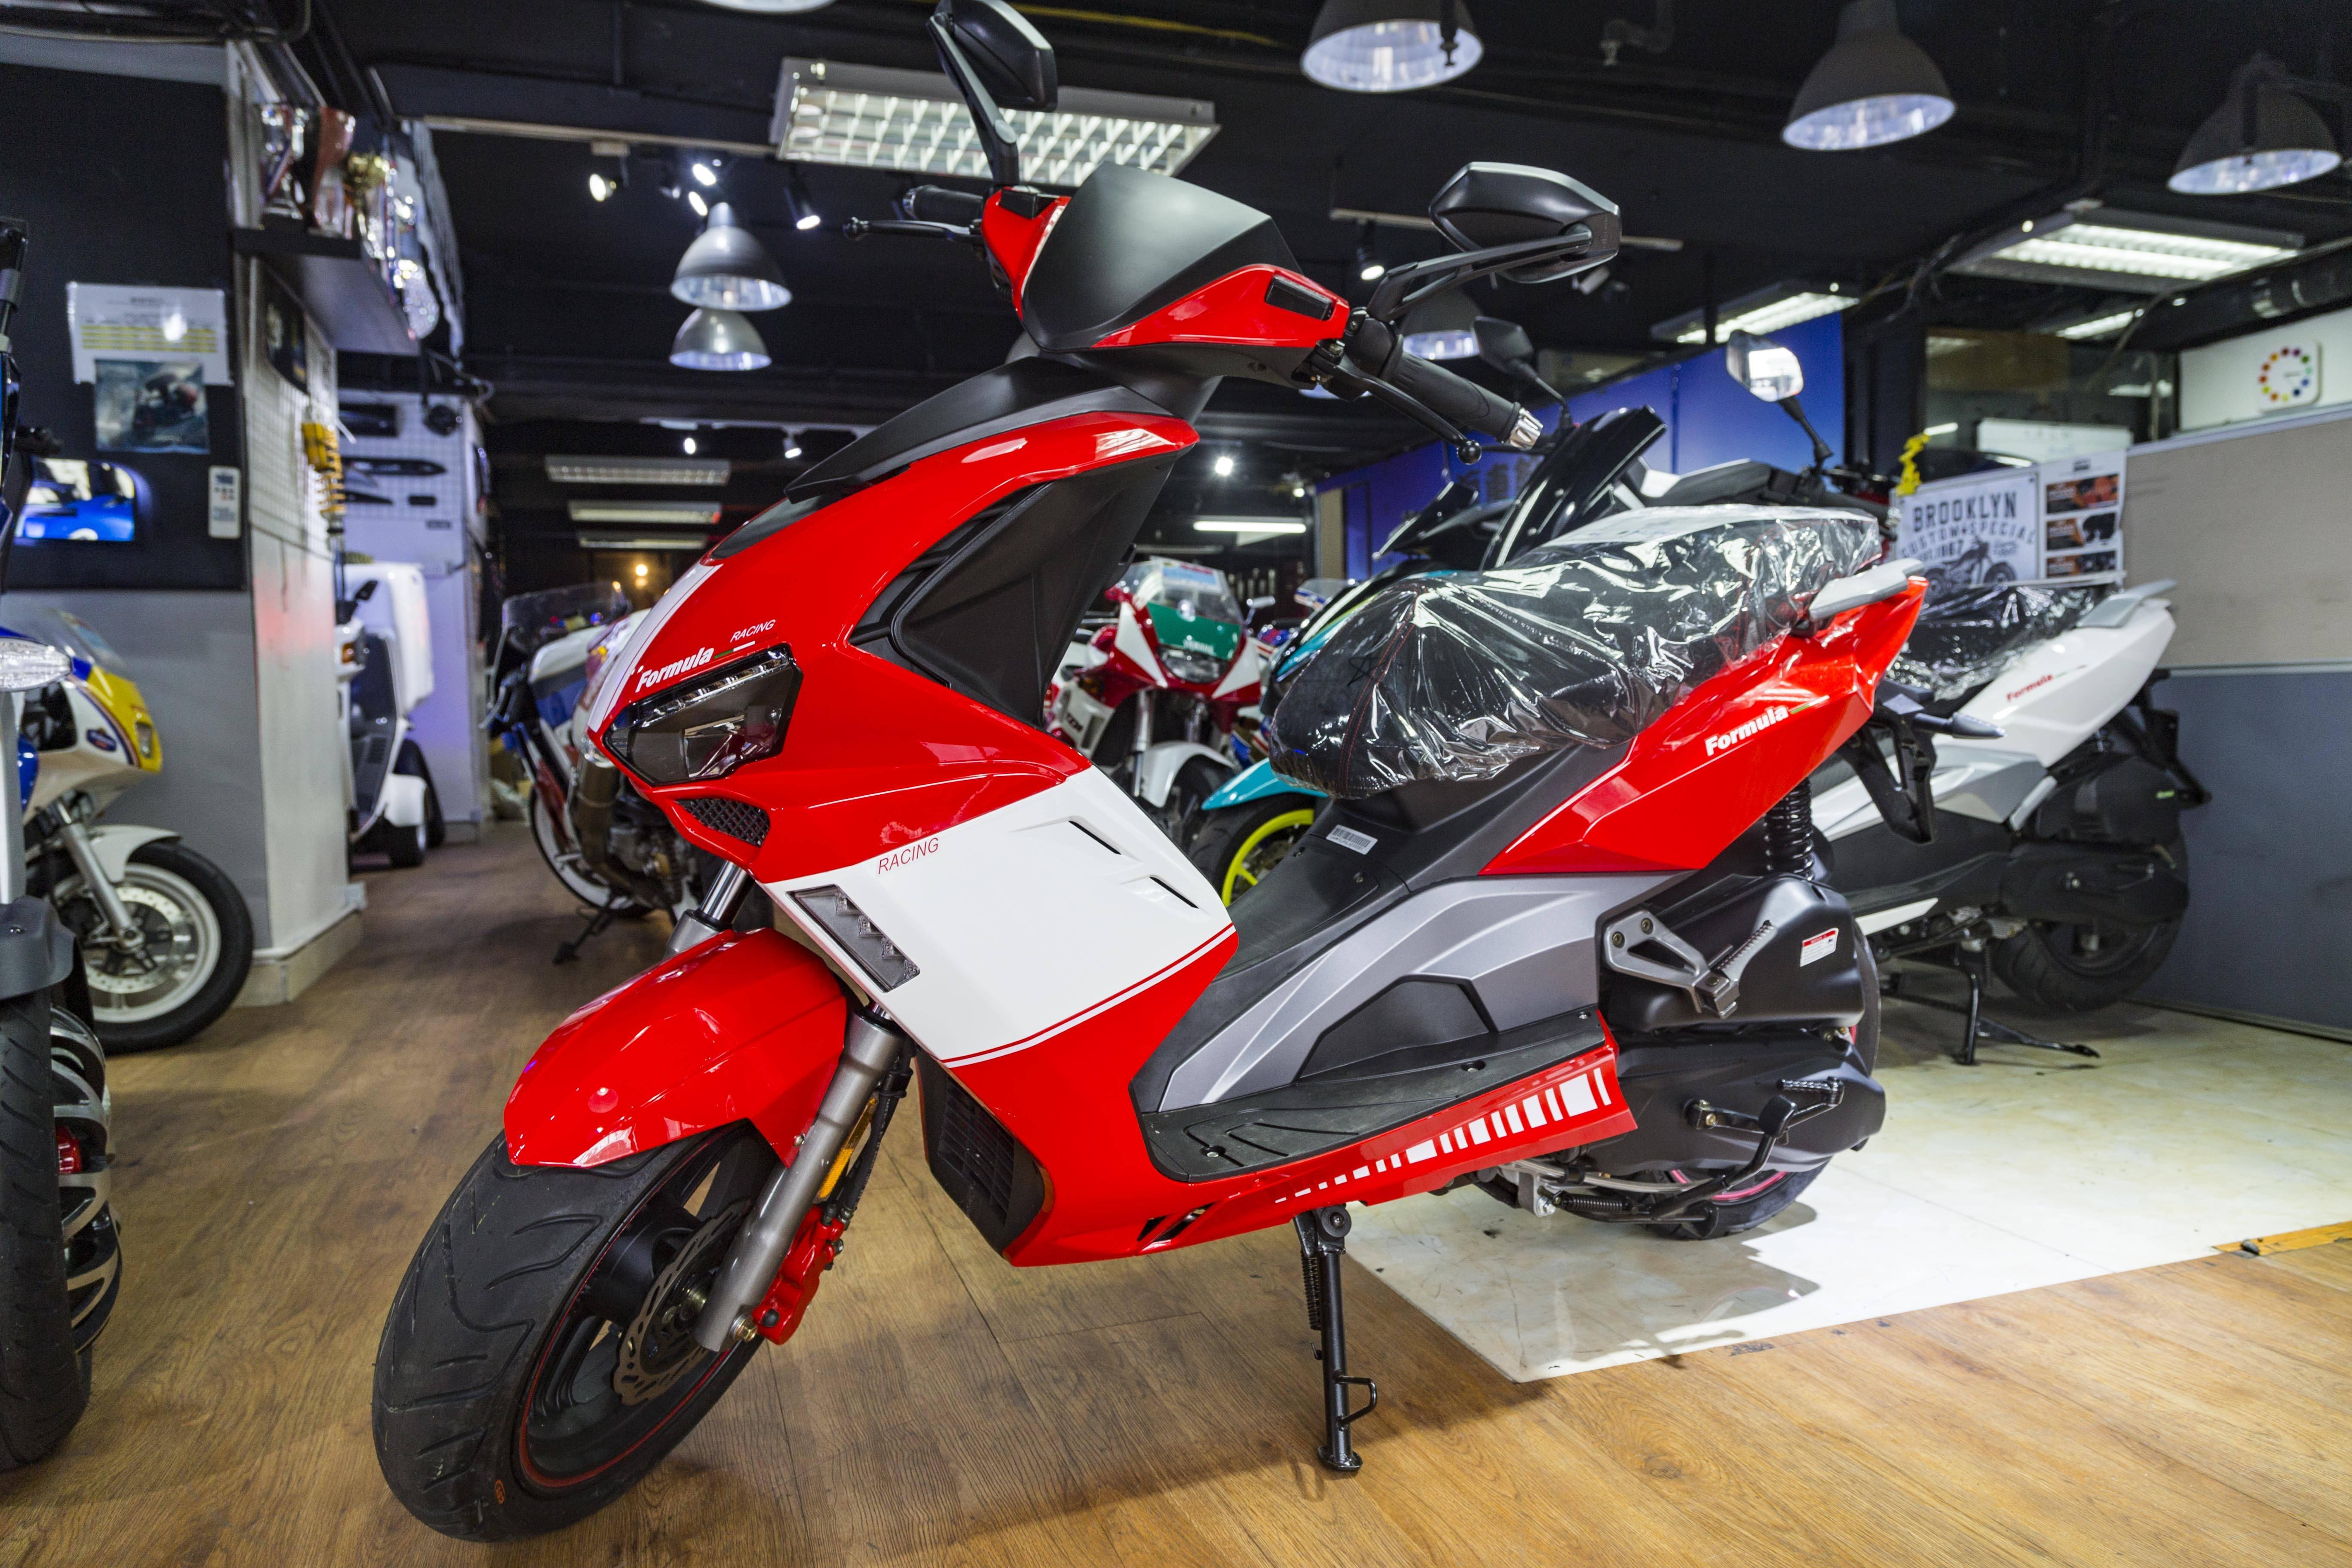 ITALJET ITALJET Formula 125 2020 紅色 - 「Webike摩托車市」